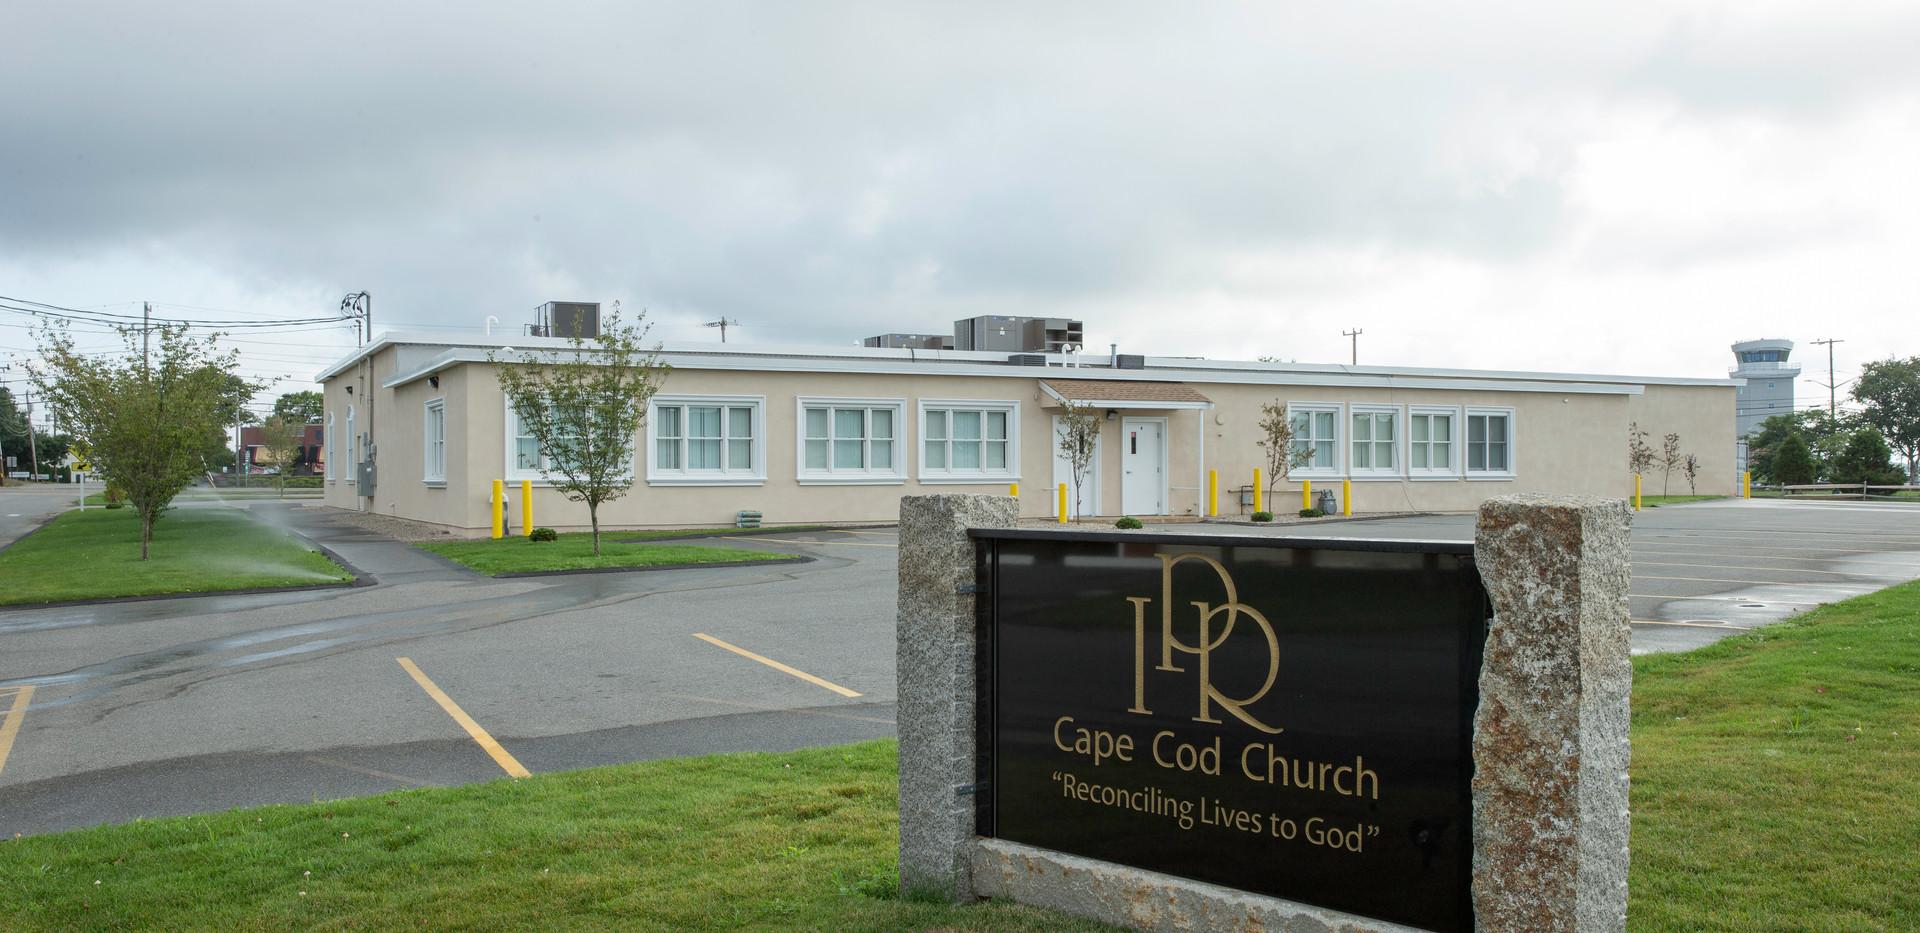 IPR Cape Cod Church-4.jpg